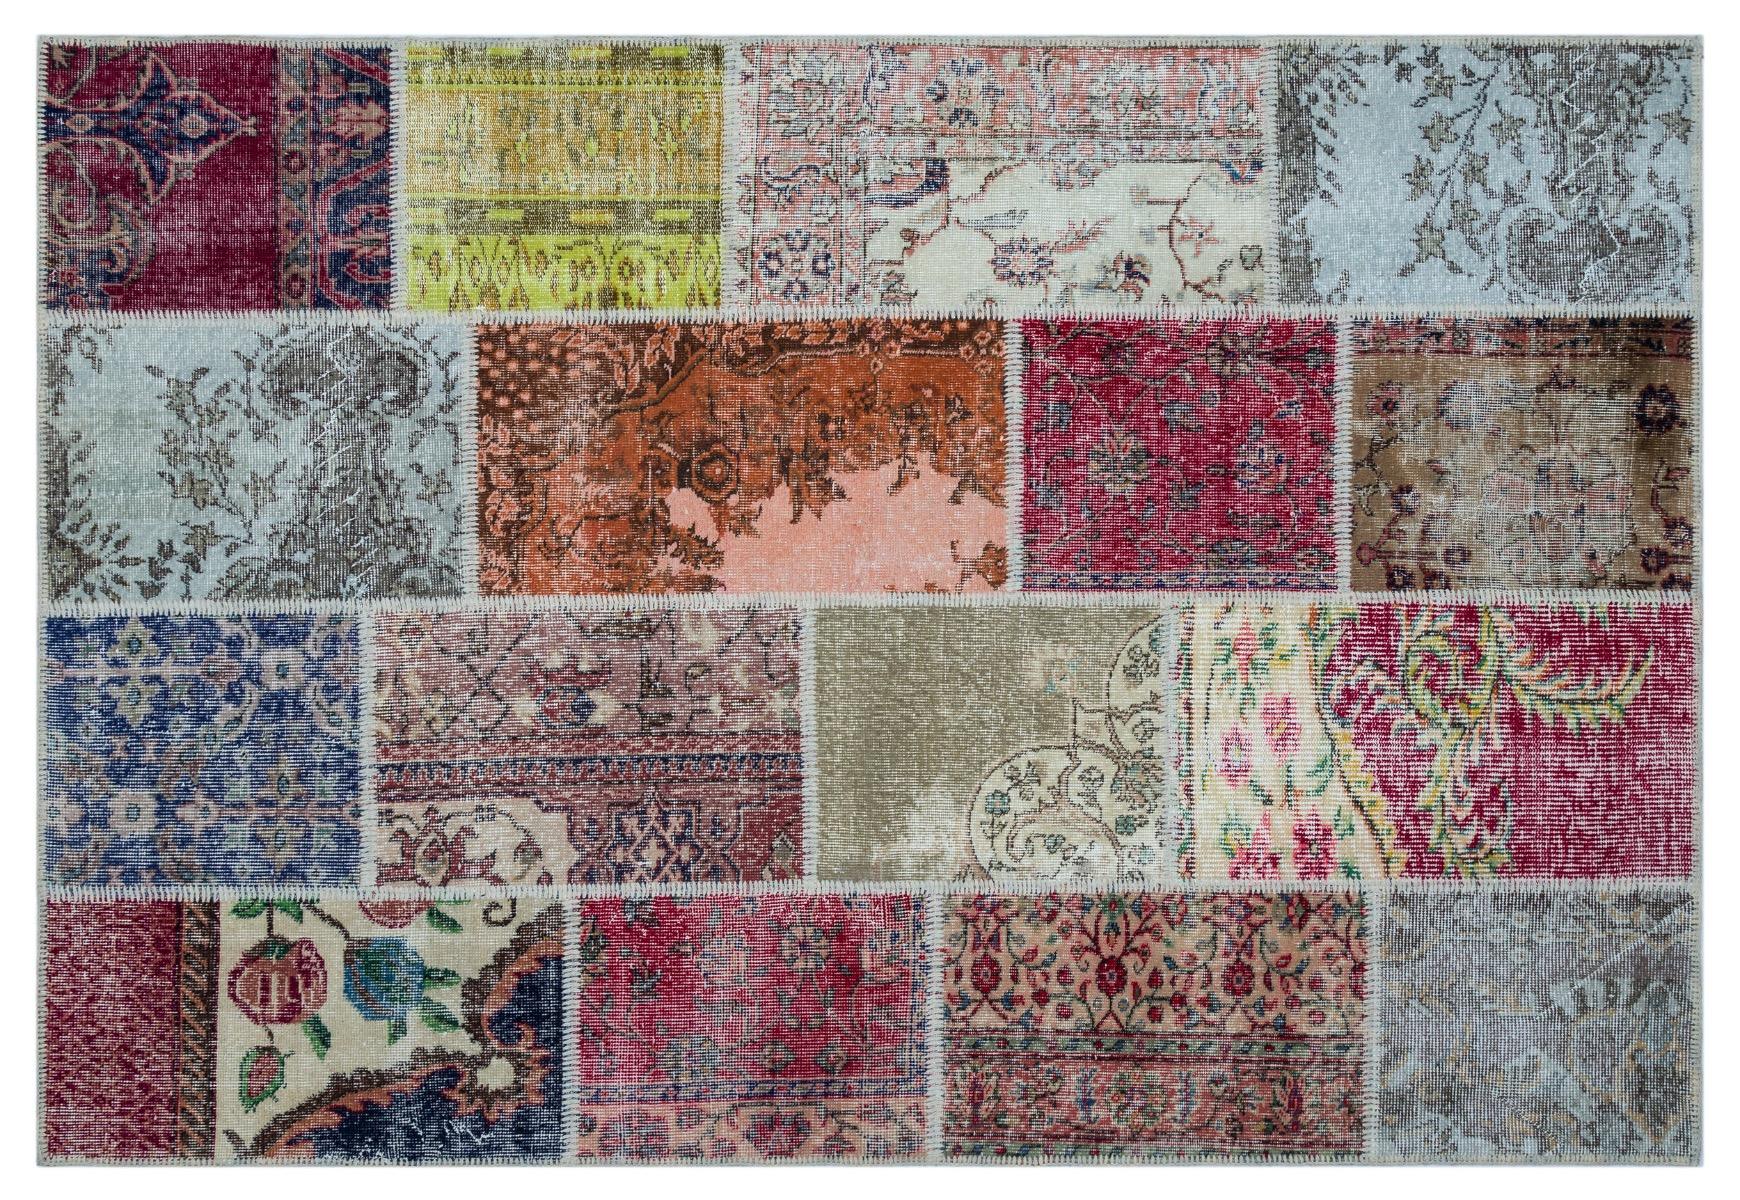 patchwork vloerkleed diverse kleuren nr.26458 230cm x 158cm